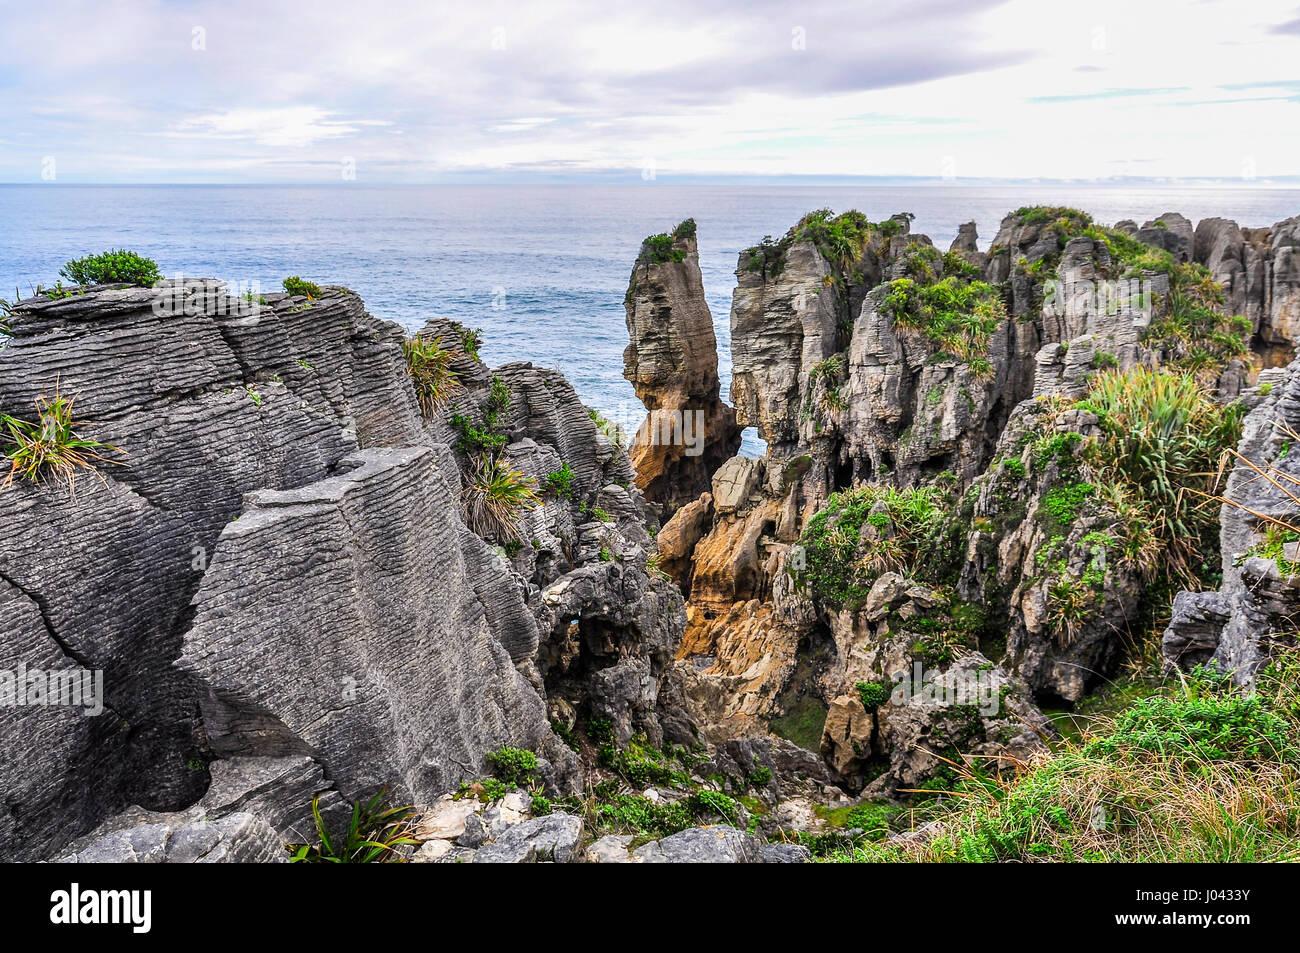 Pancake rocks à Punakaiki sur la côte ouest de la Nouvelle-Zélande Photo Stock